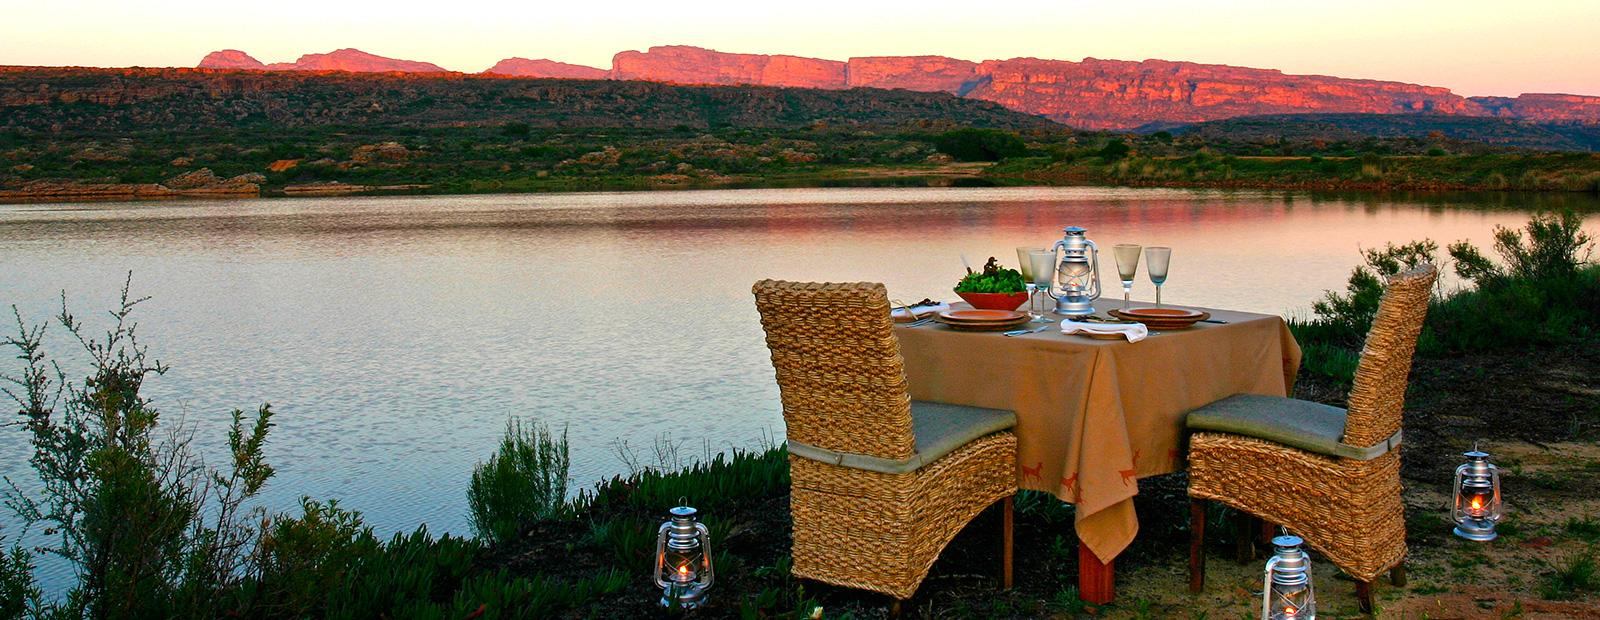 Domizile Reisen vermittelt seit 30 Jahren exklusive Ferienhäuser